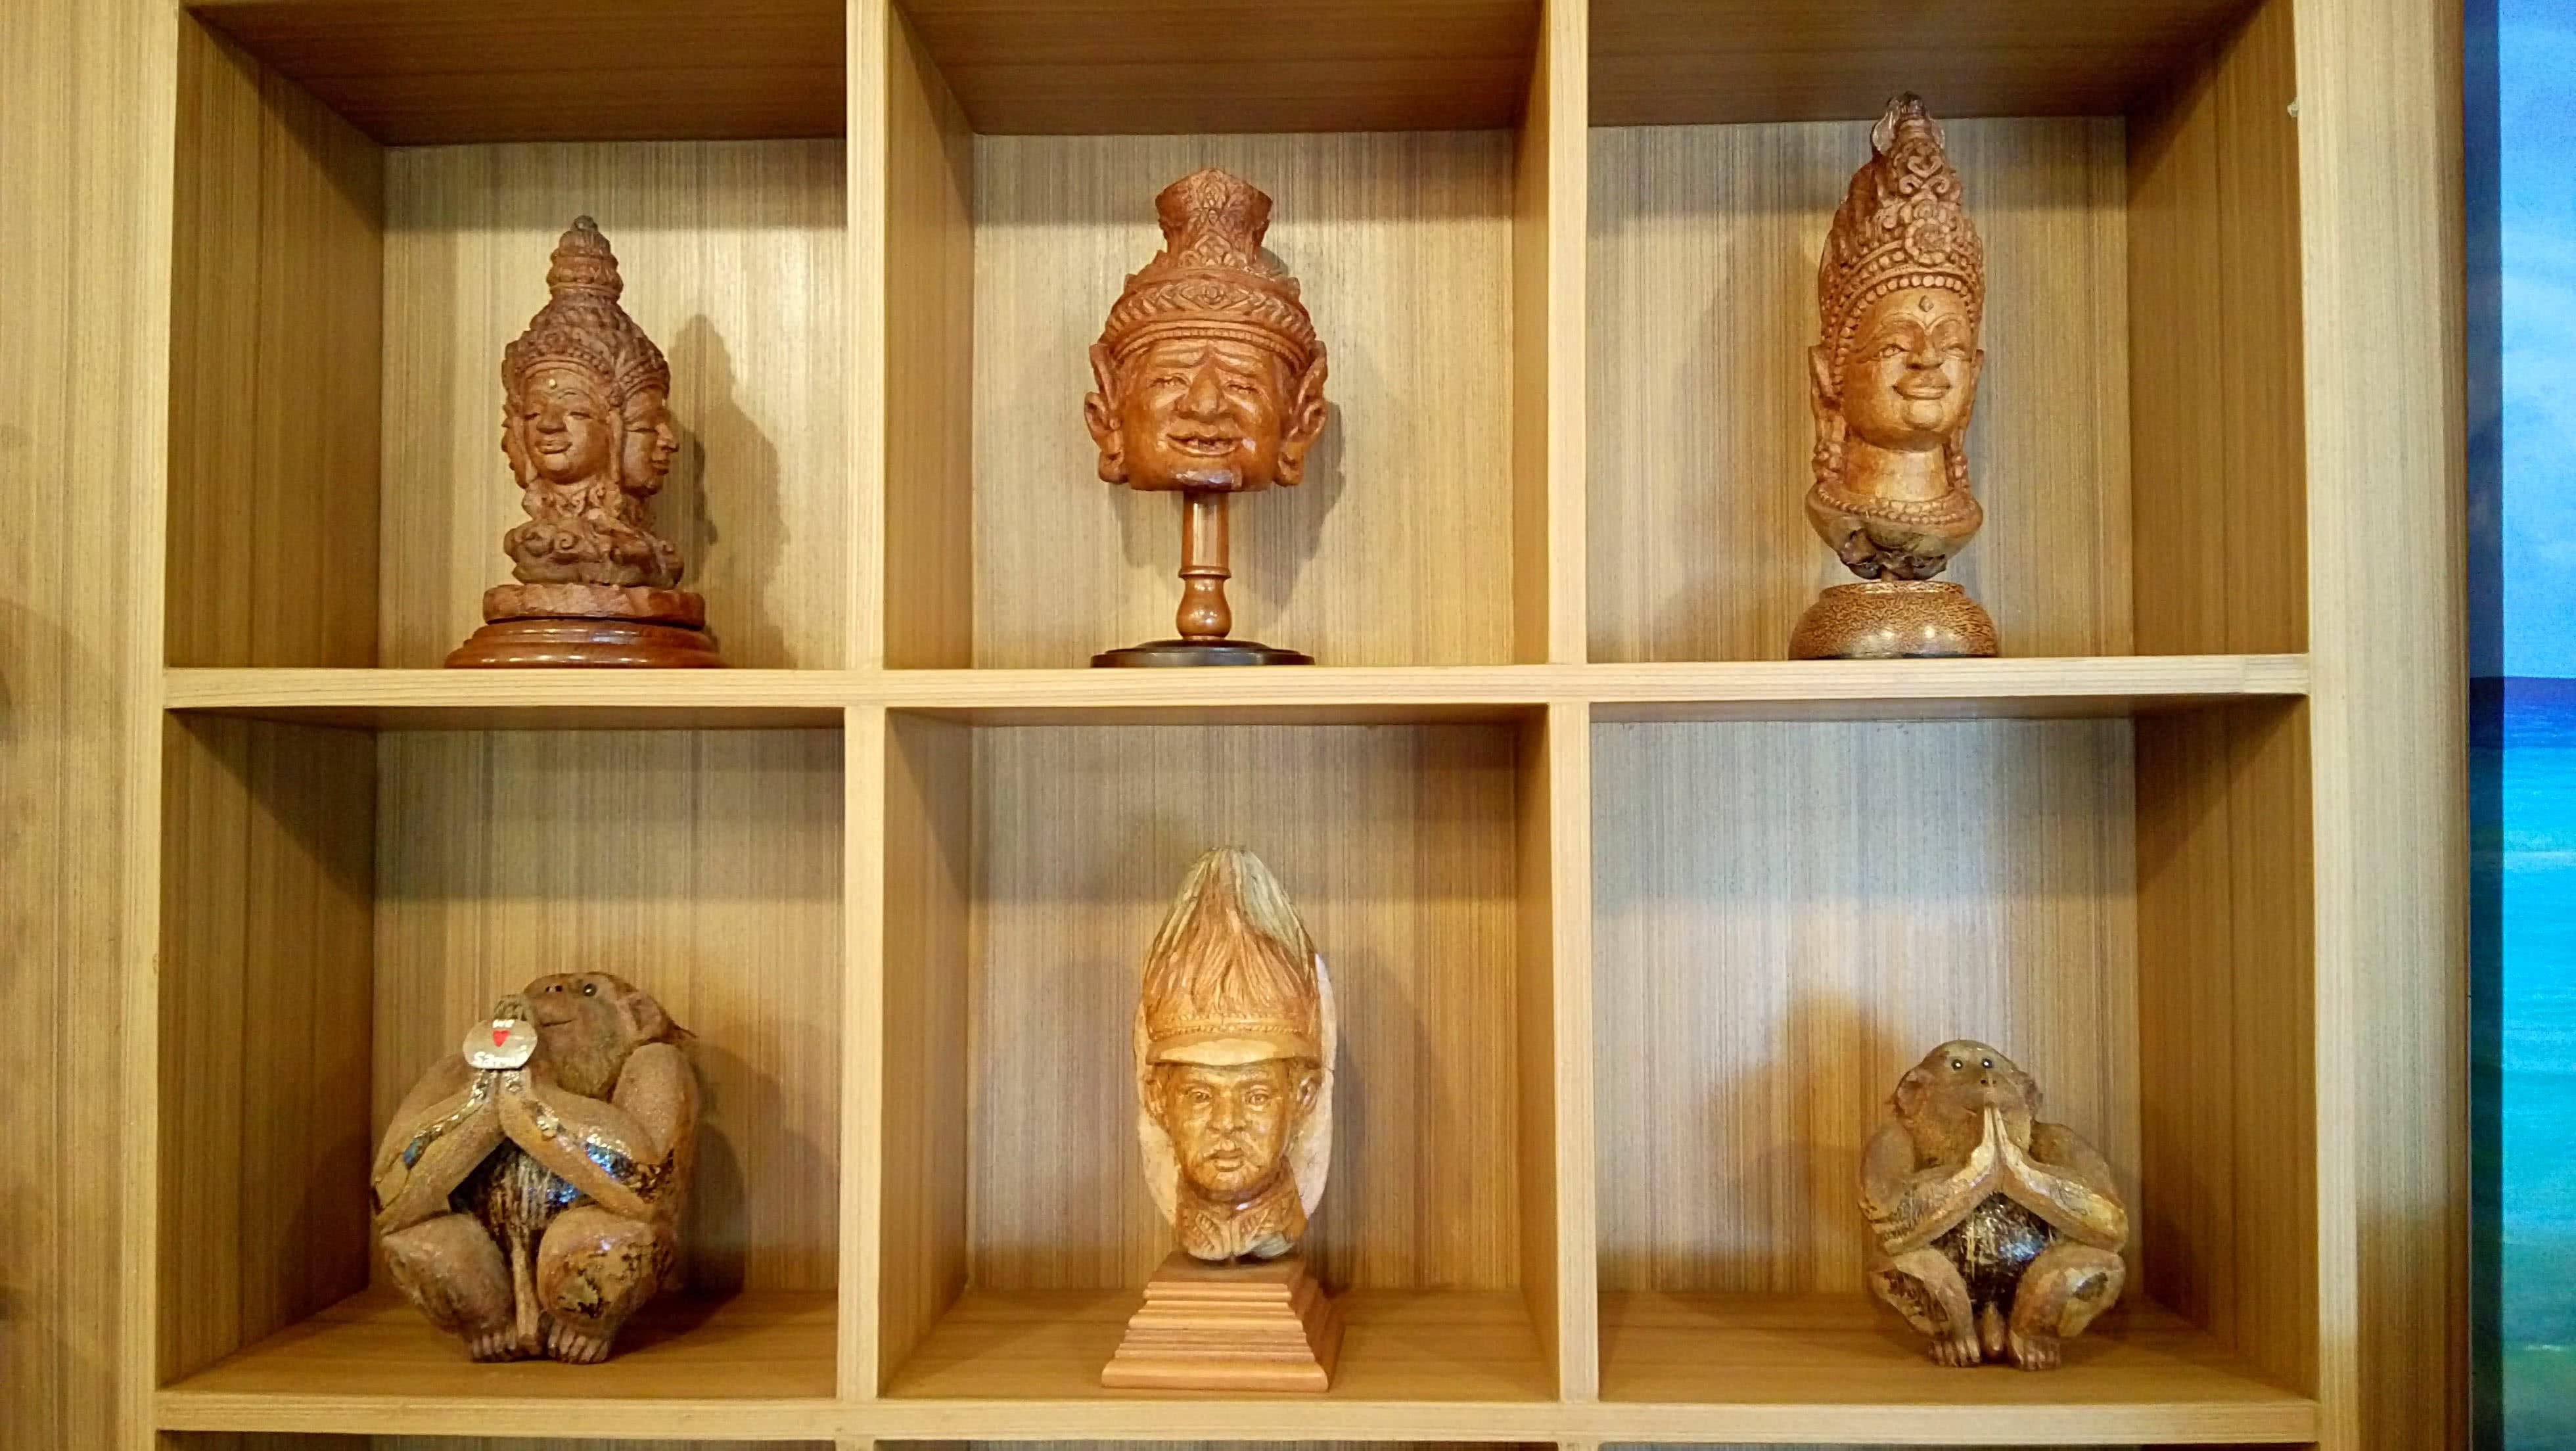 Coconut museum, Koh Samui, Thailand